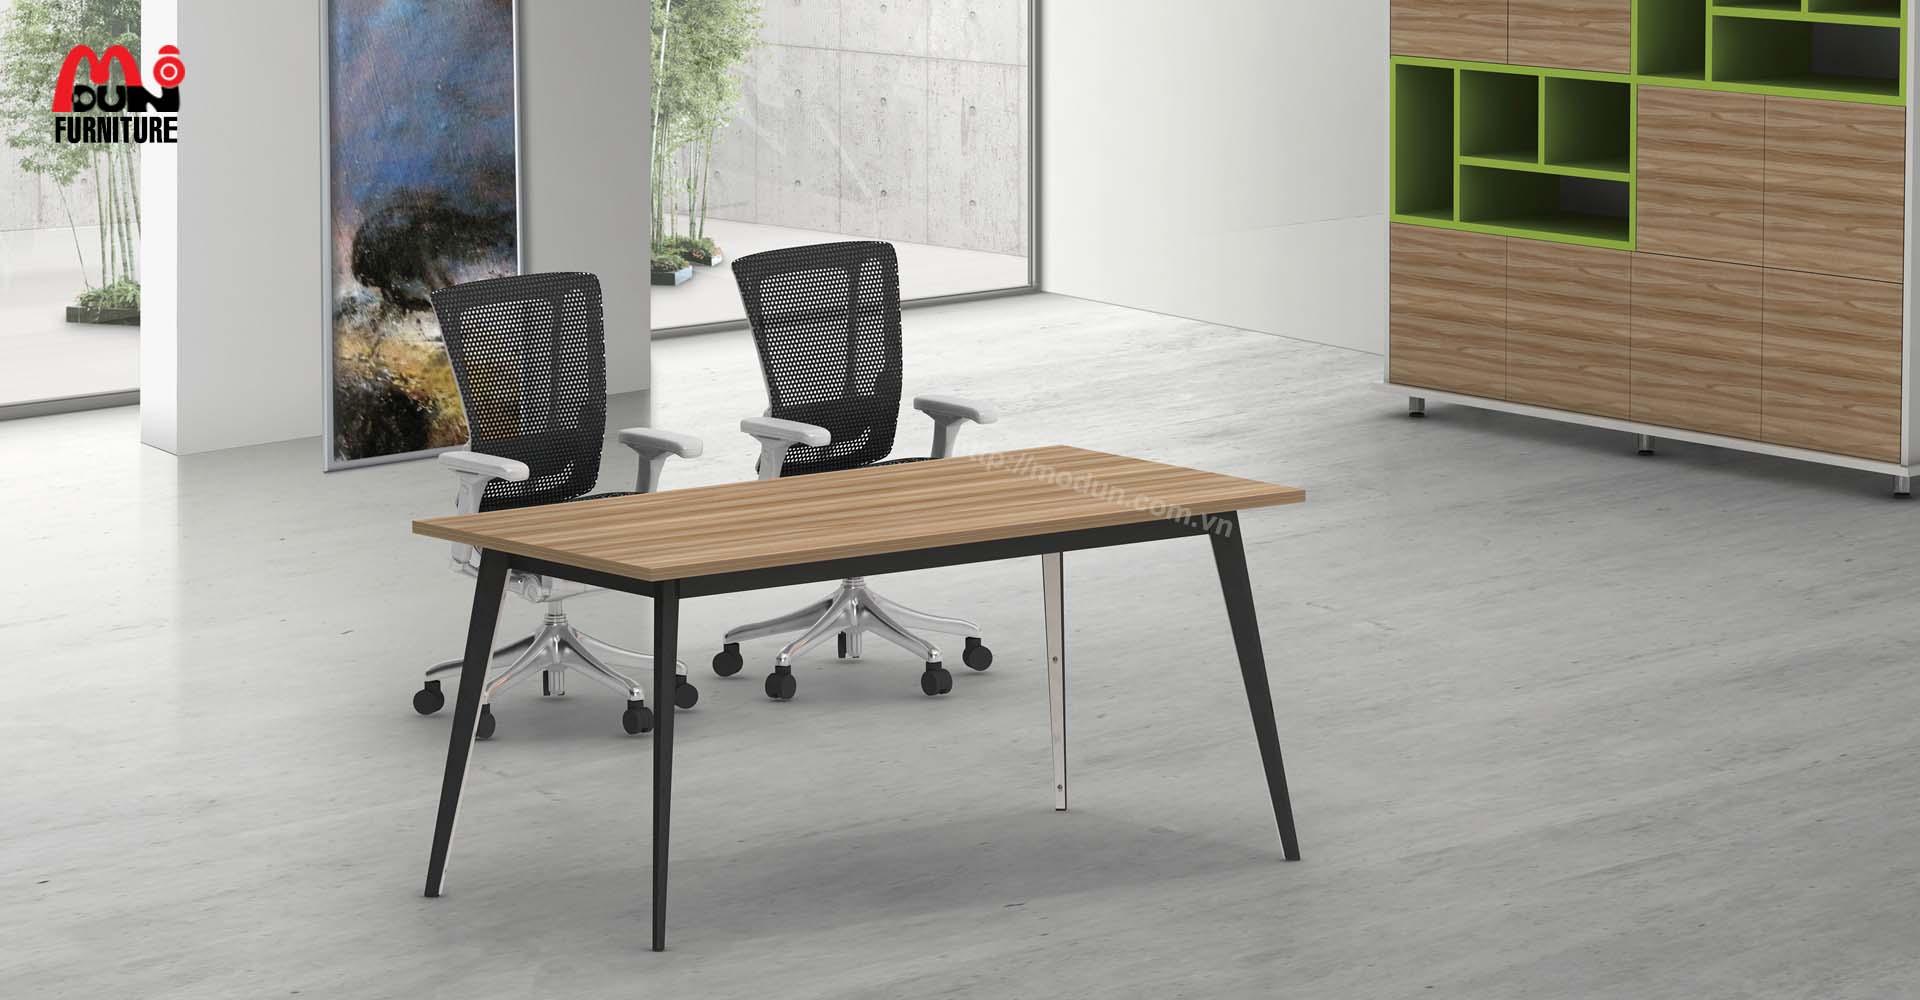 Bàn Văn Phòng MD91 Meeting Table